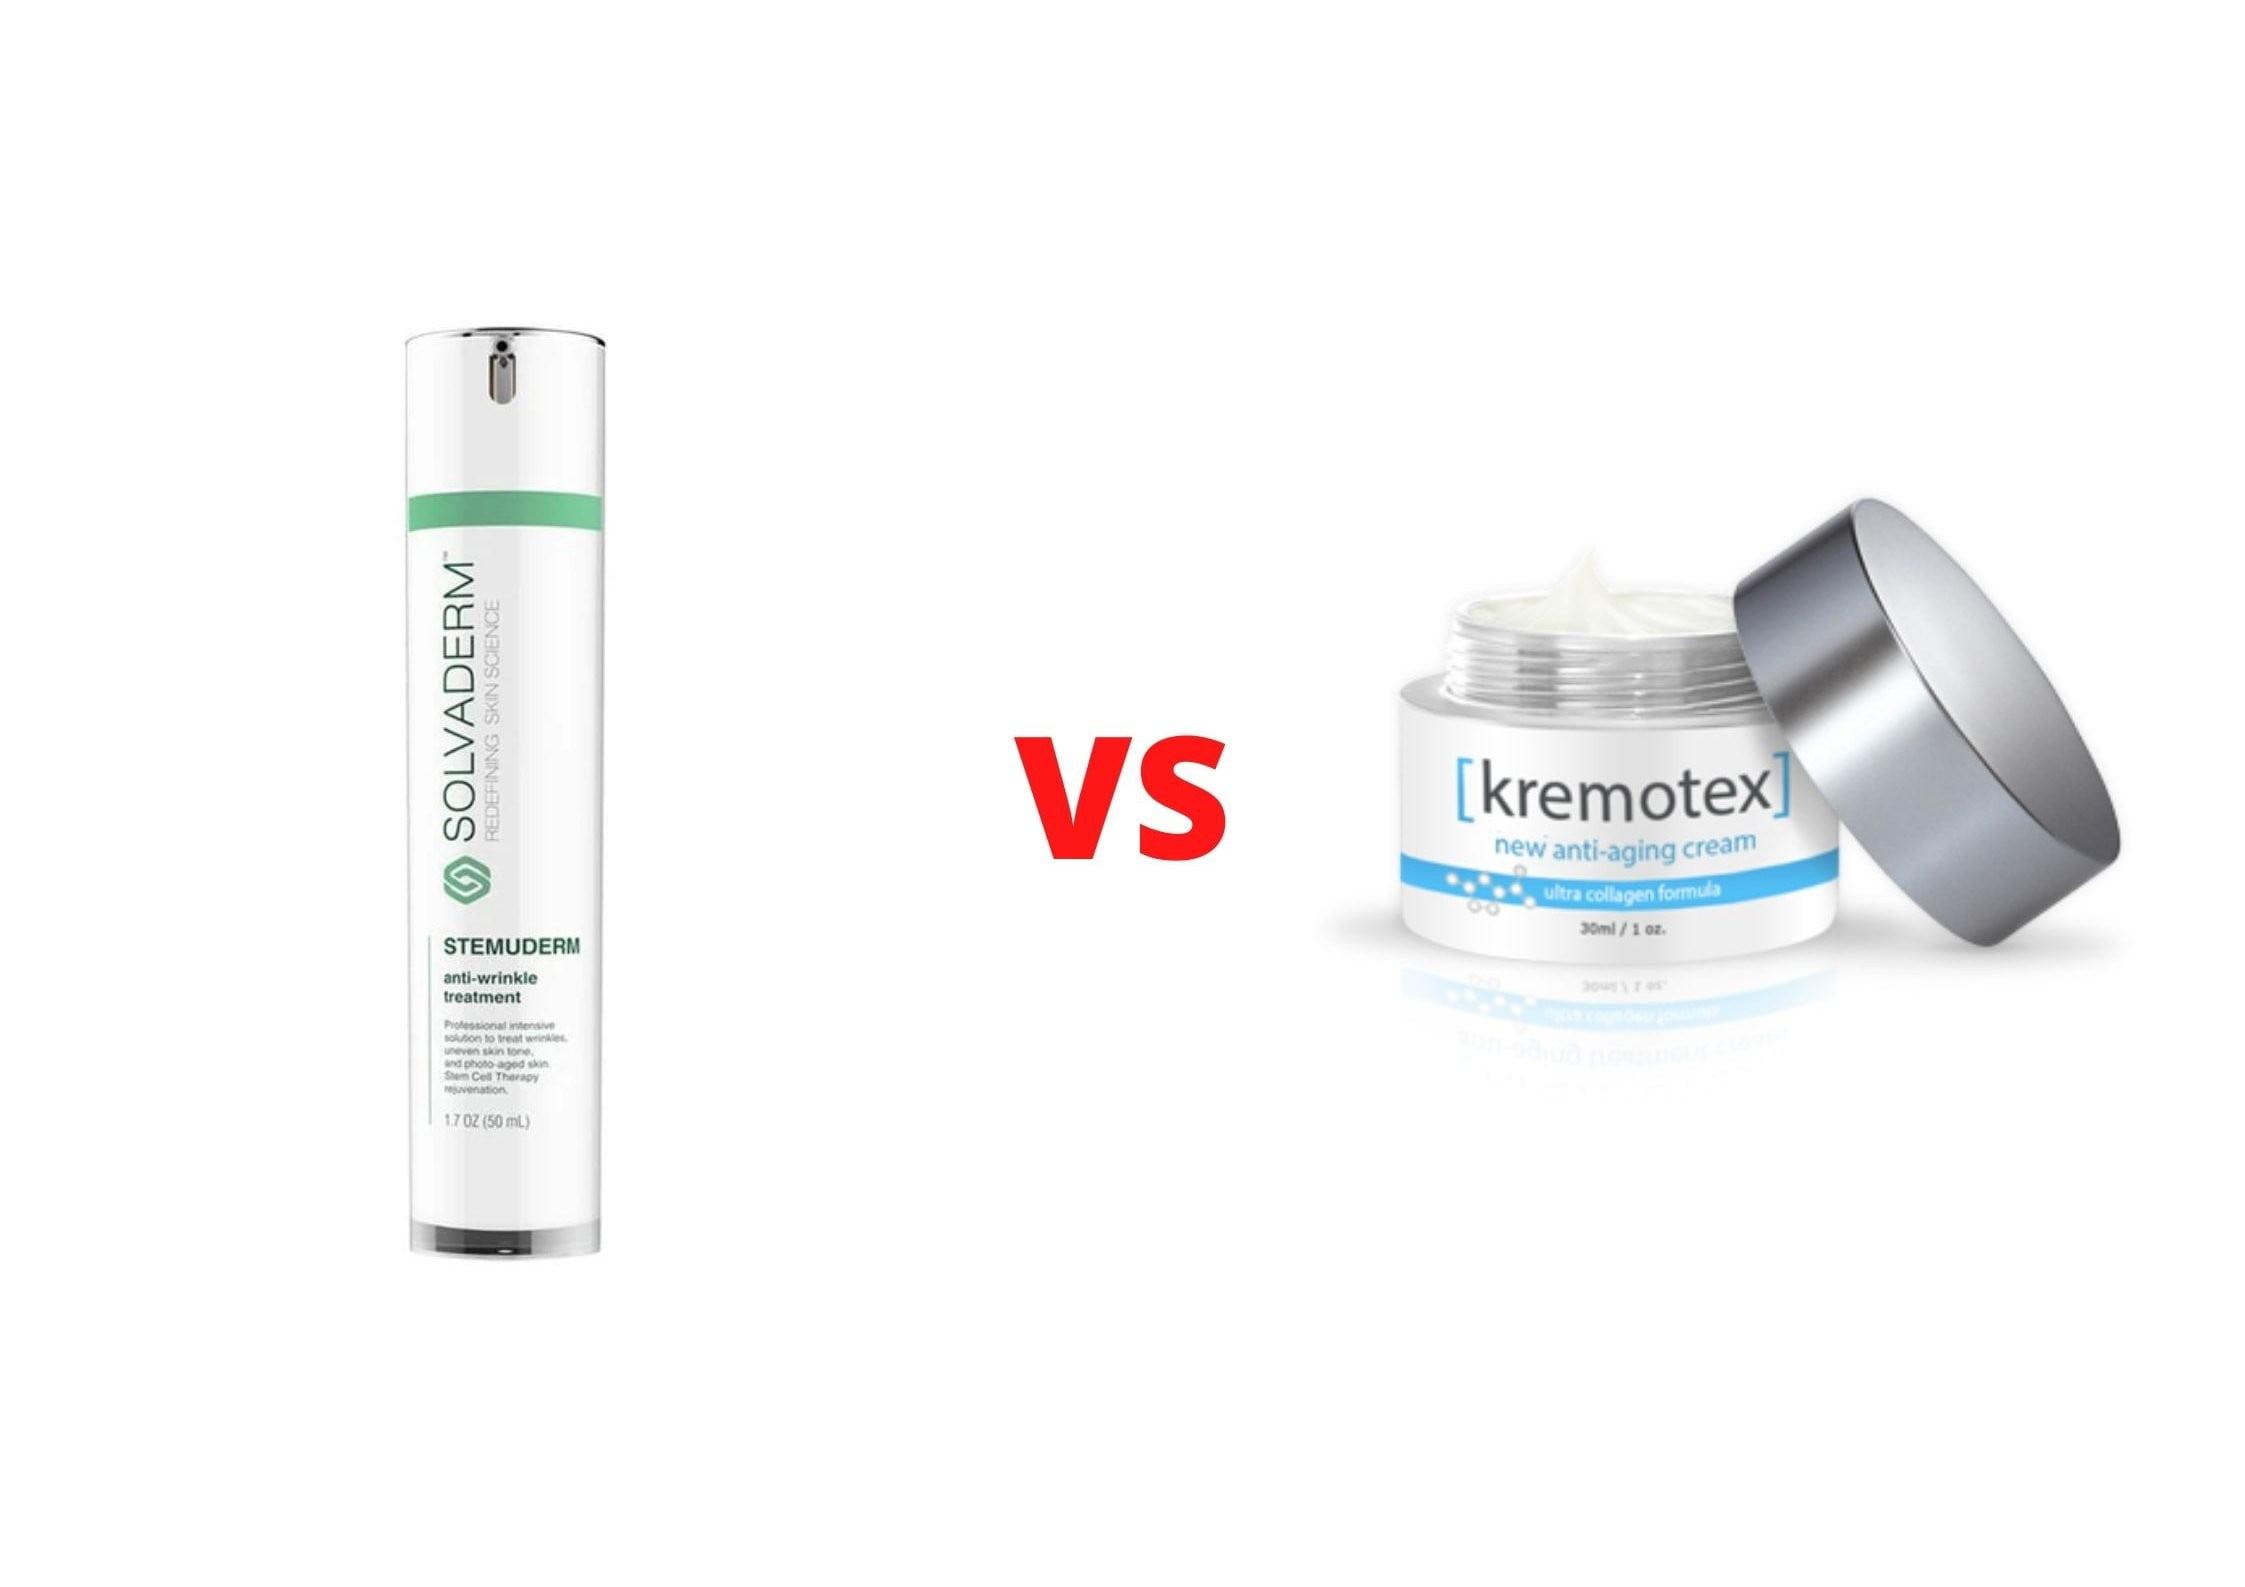 Stemuderm VS Kremotex